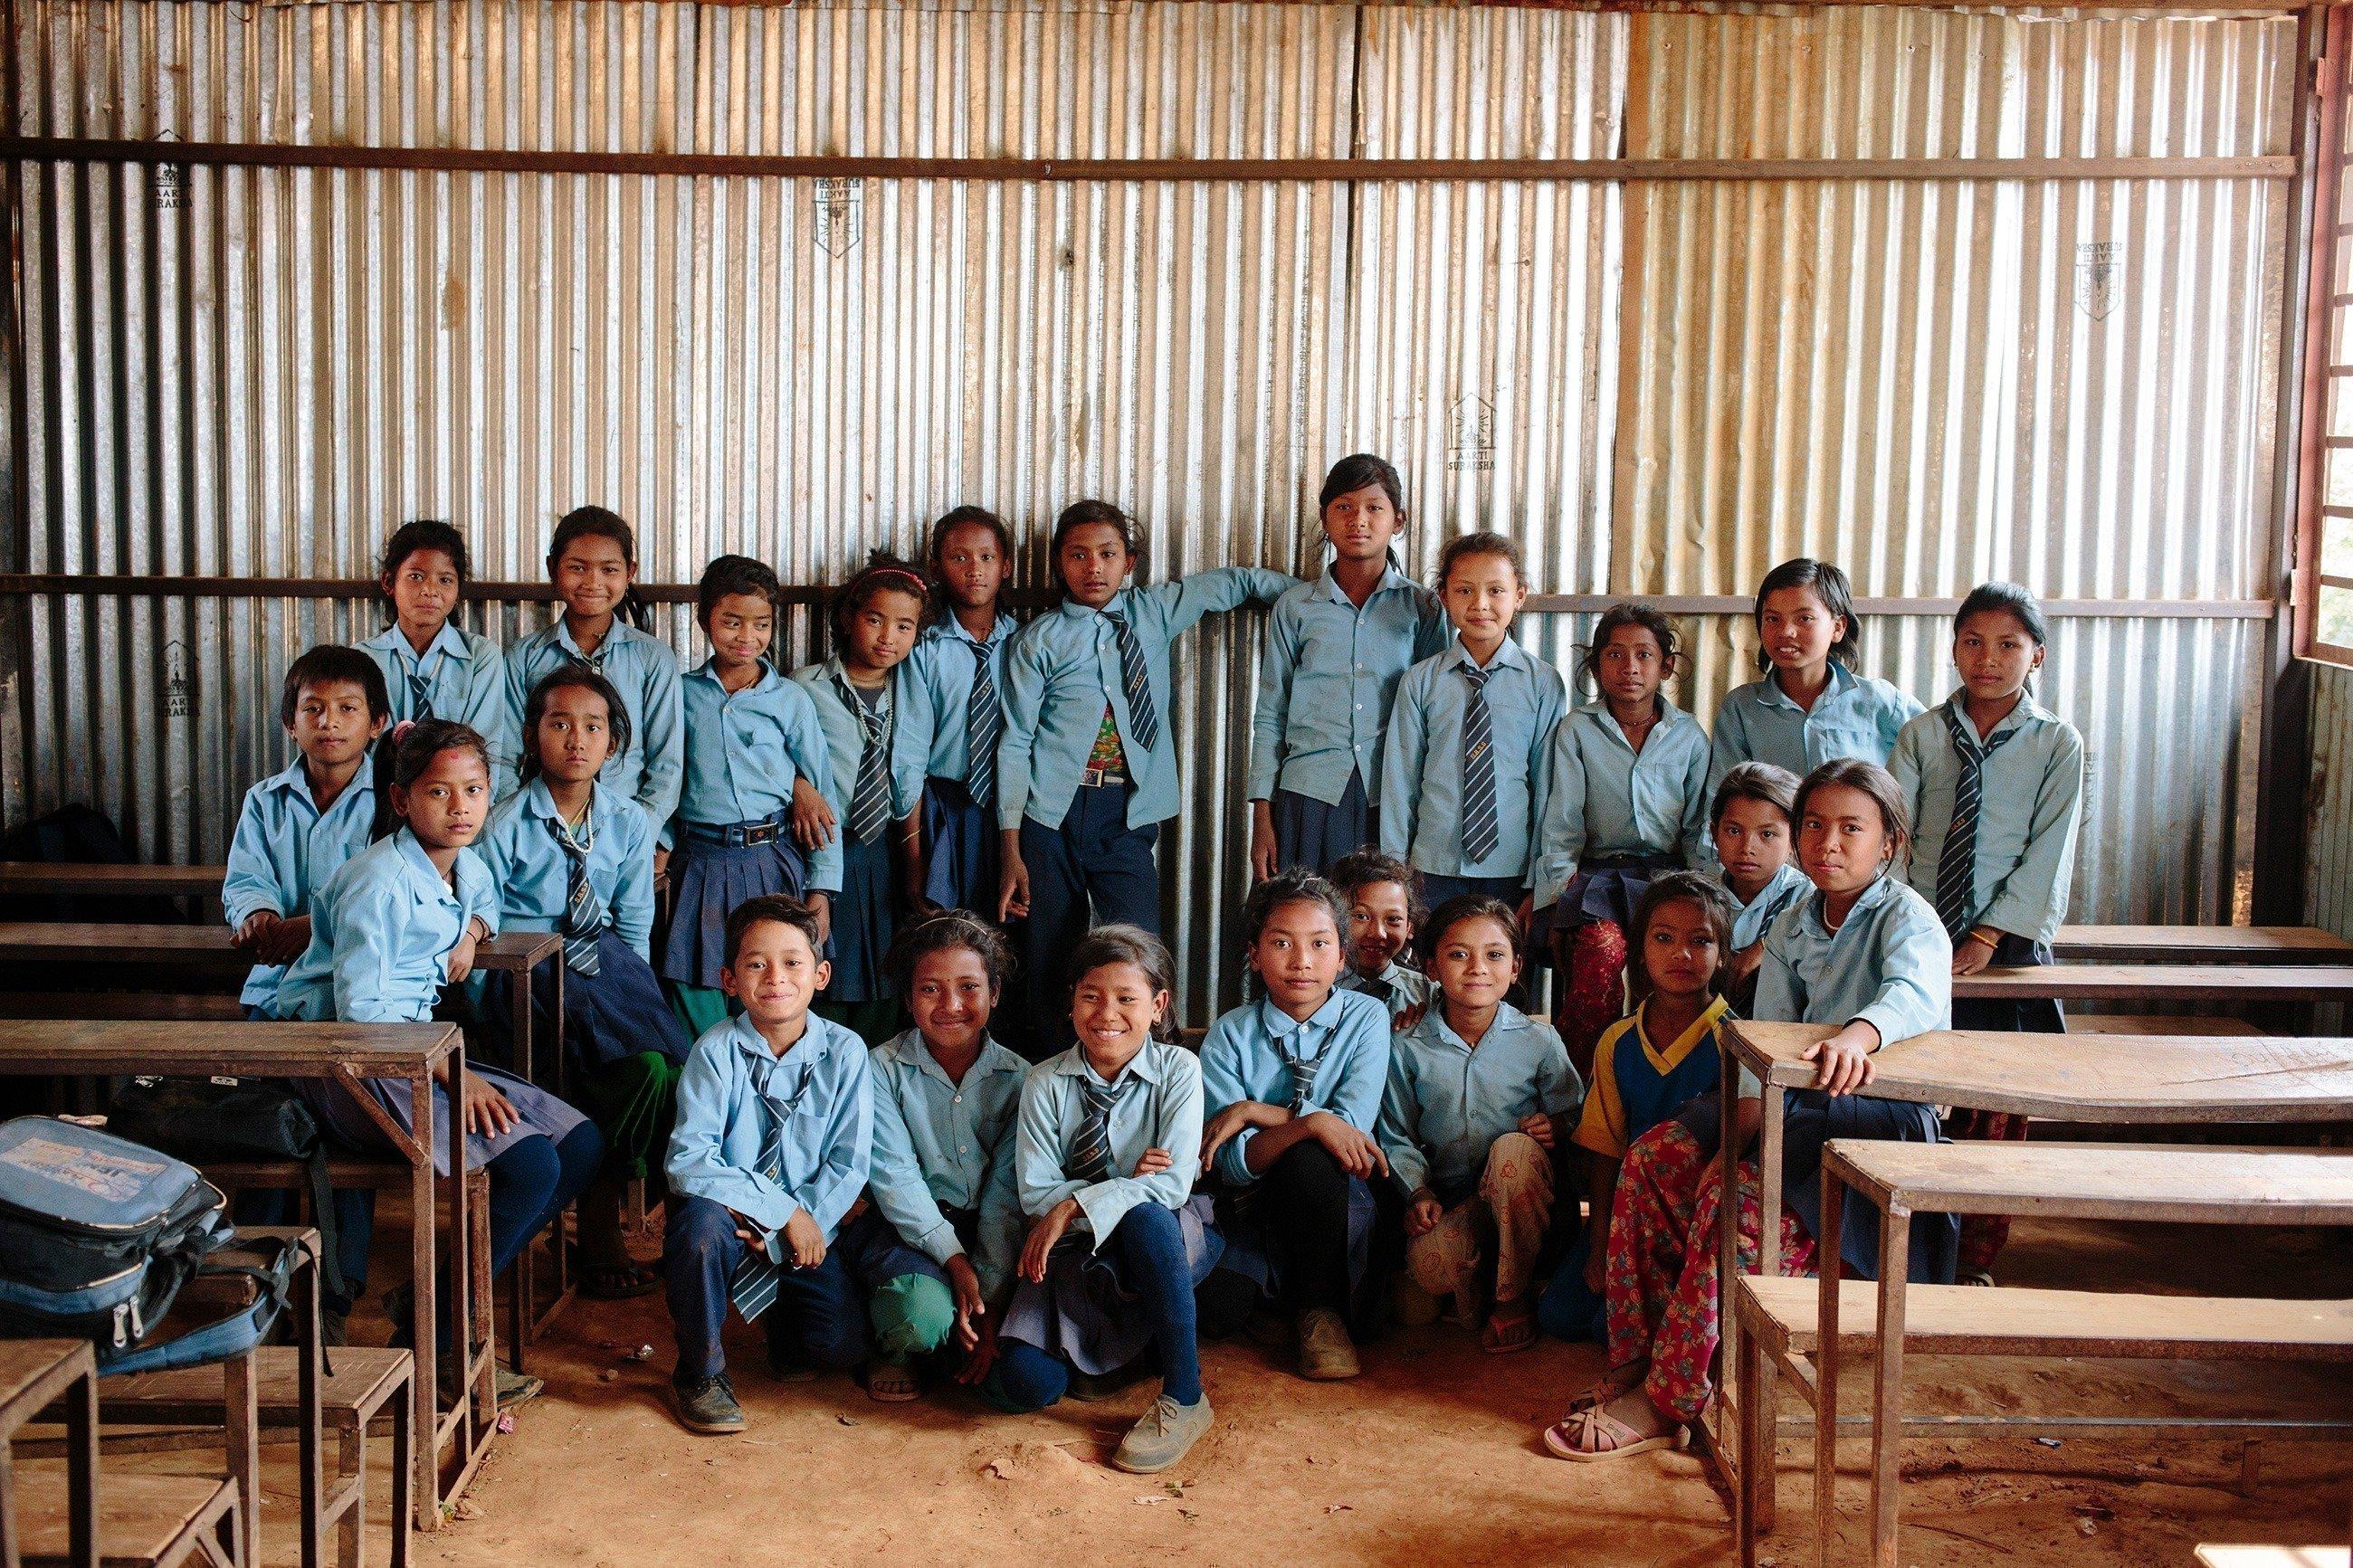 Foto di classe.